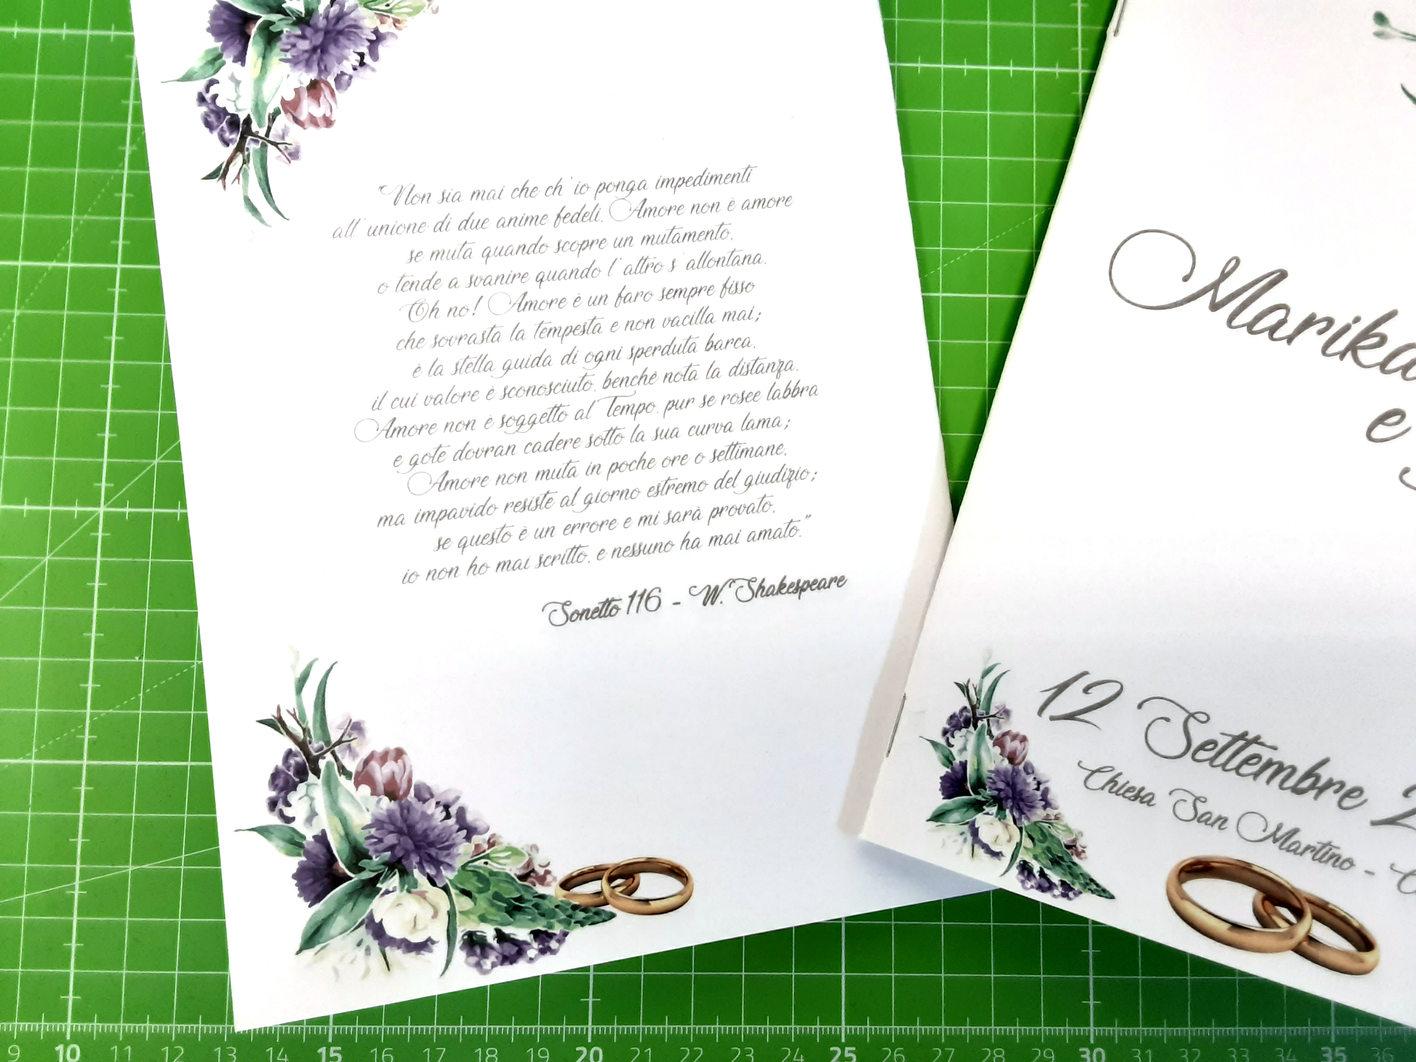 Particolare del libretto di matrimonio